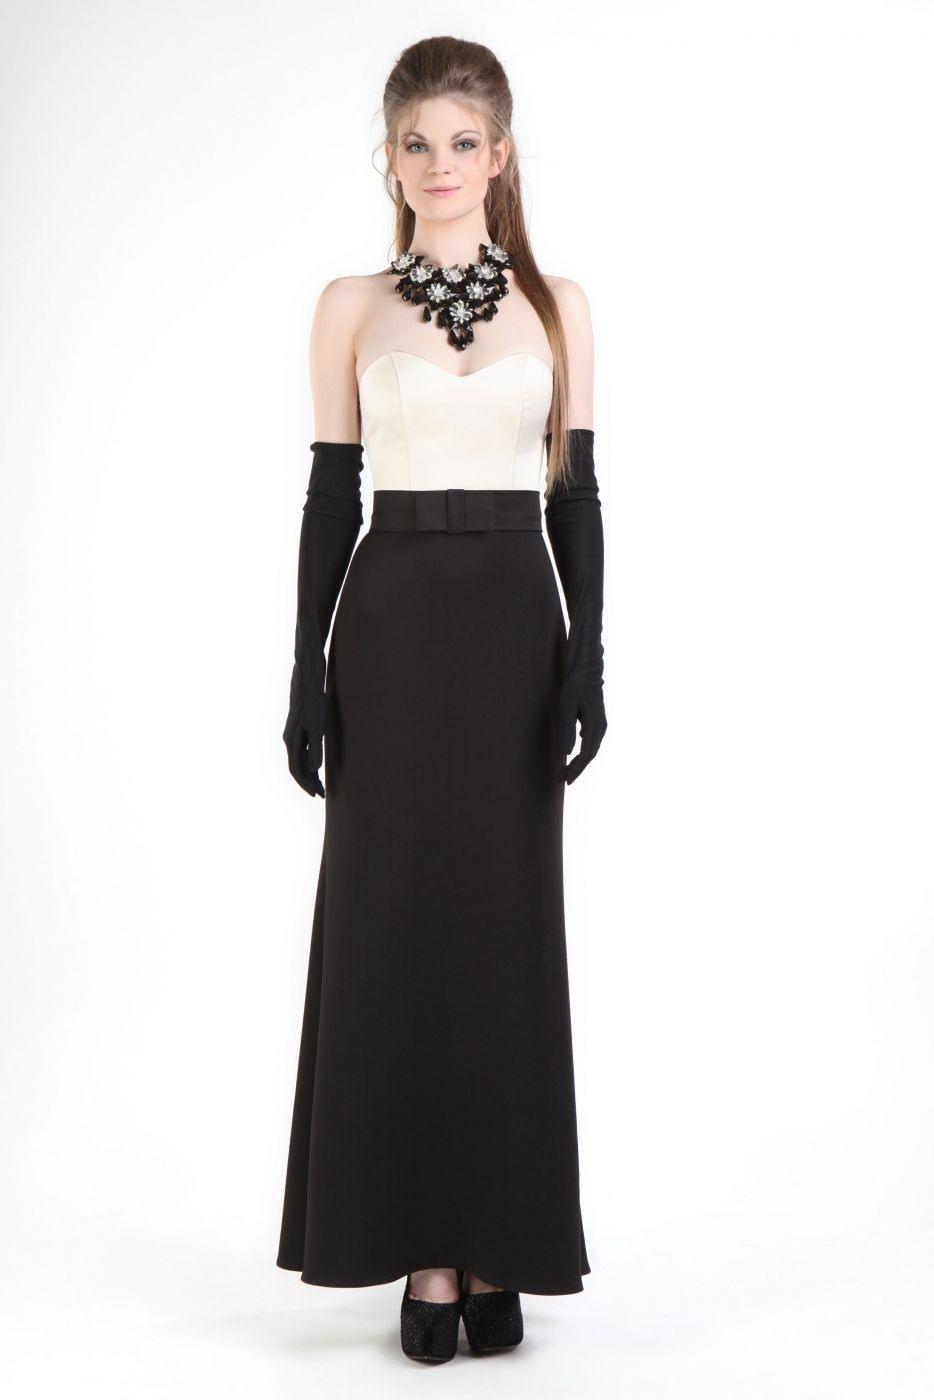 Formal Einfach Abendkleider Lang Schwarz Elegant BoutiqueFormal Perfekt Abendkleider Lang Schwarz Elegant Galerie